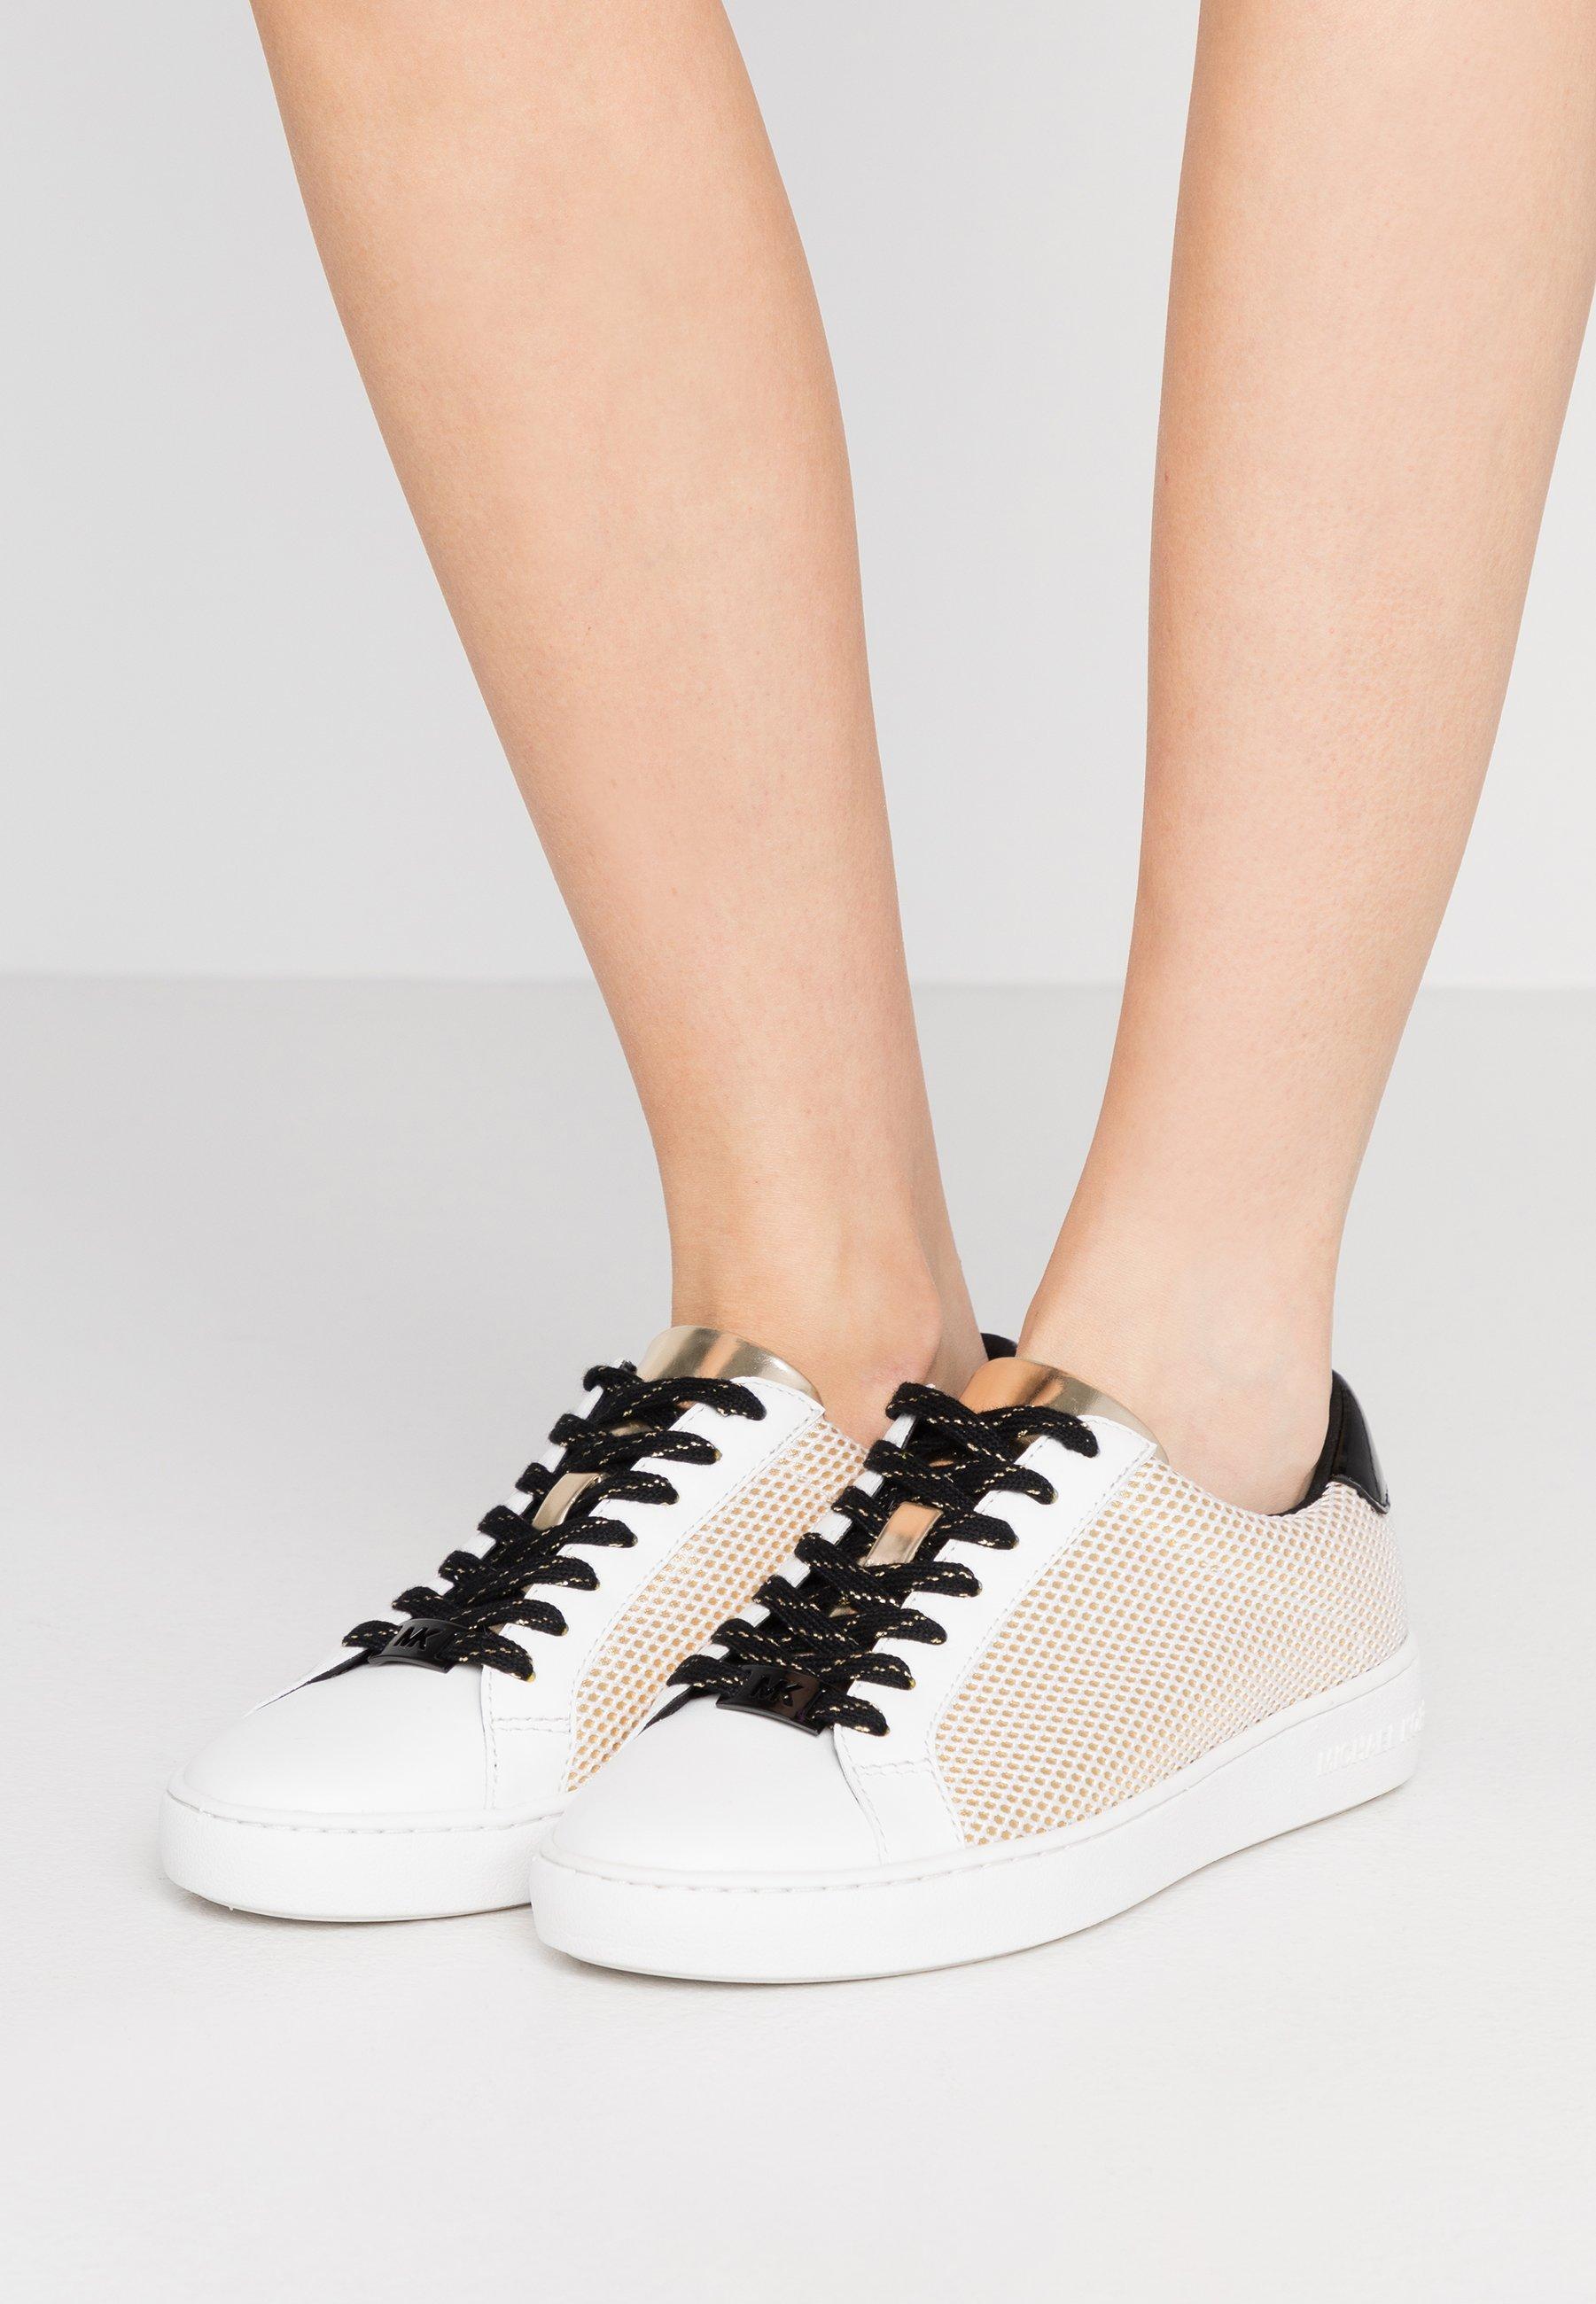 Edle Designer Schuhe für Damen von Premium Marken | ZALANDO